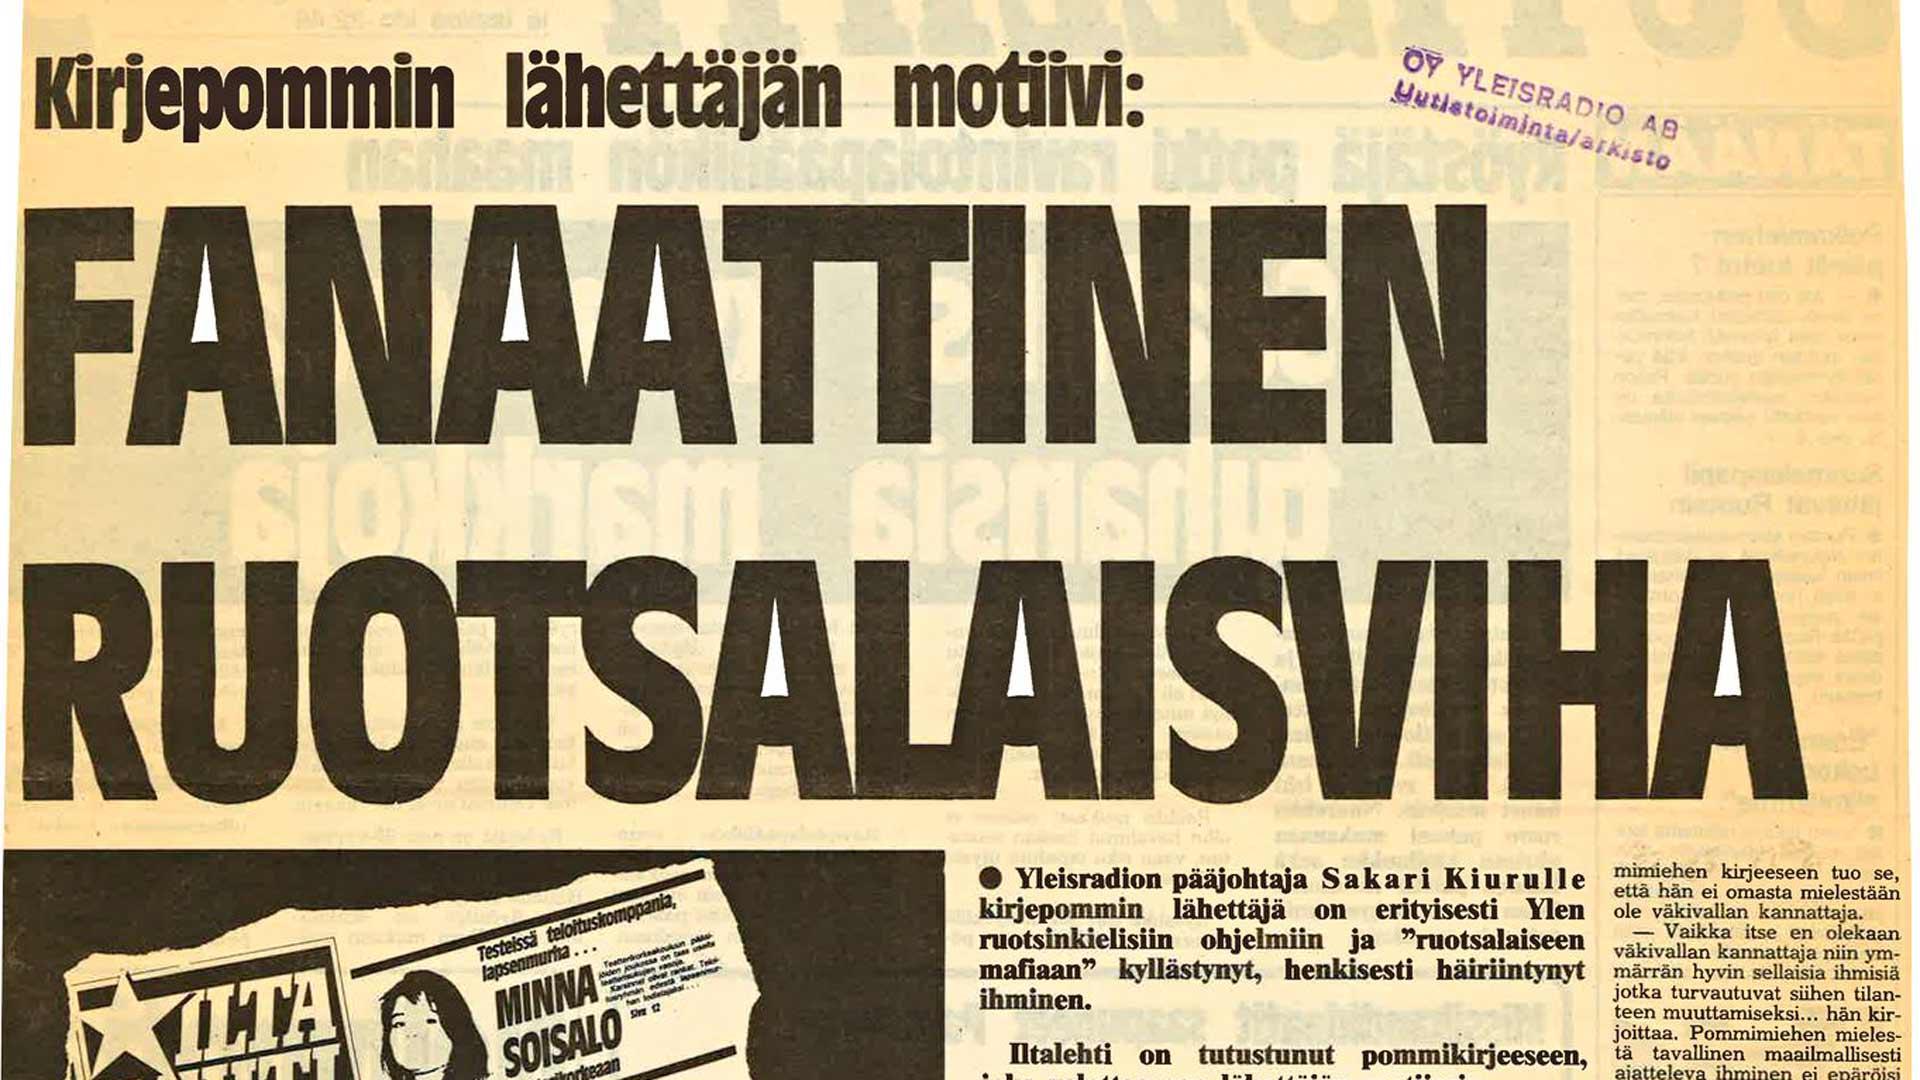 Media oli kiinnostunut Suomen olosuhteissa epätavallisesta rikoksesta. Tekijän motiivit ja pommin koostumus puhuttivat.